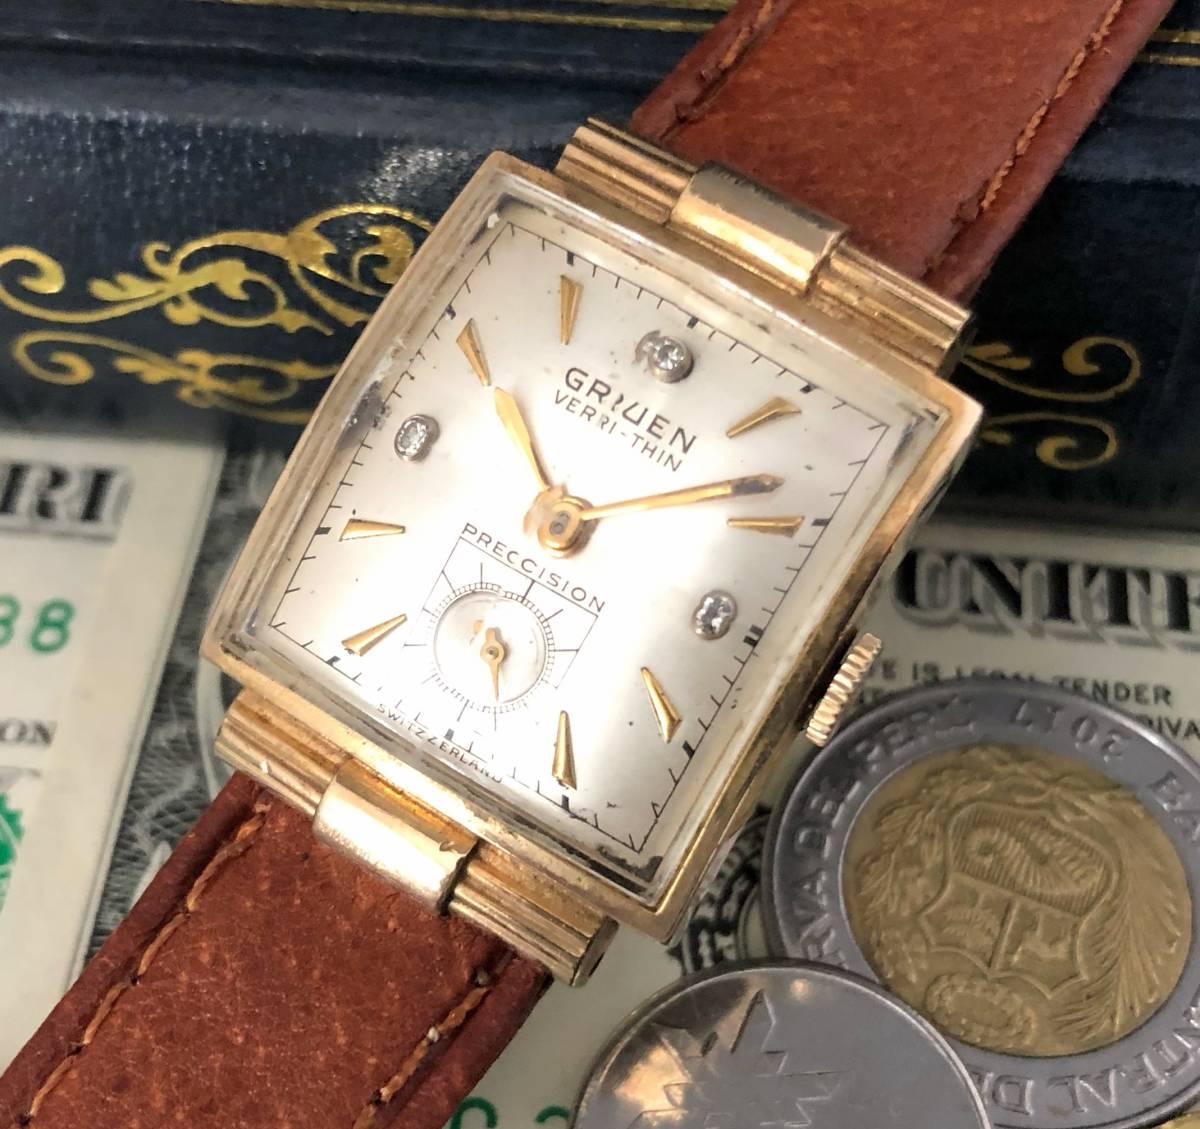 【貴重】◎/グリュエン/GRUEN/ゴールド/1950's/アンティーク/Veri-Thin/10K/スクエア/手巻/金張/ベリシン/メンズ腕時計/アメリカ/送料無料_画像8